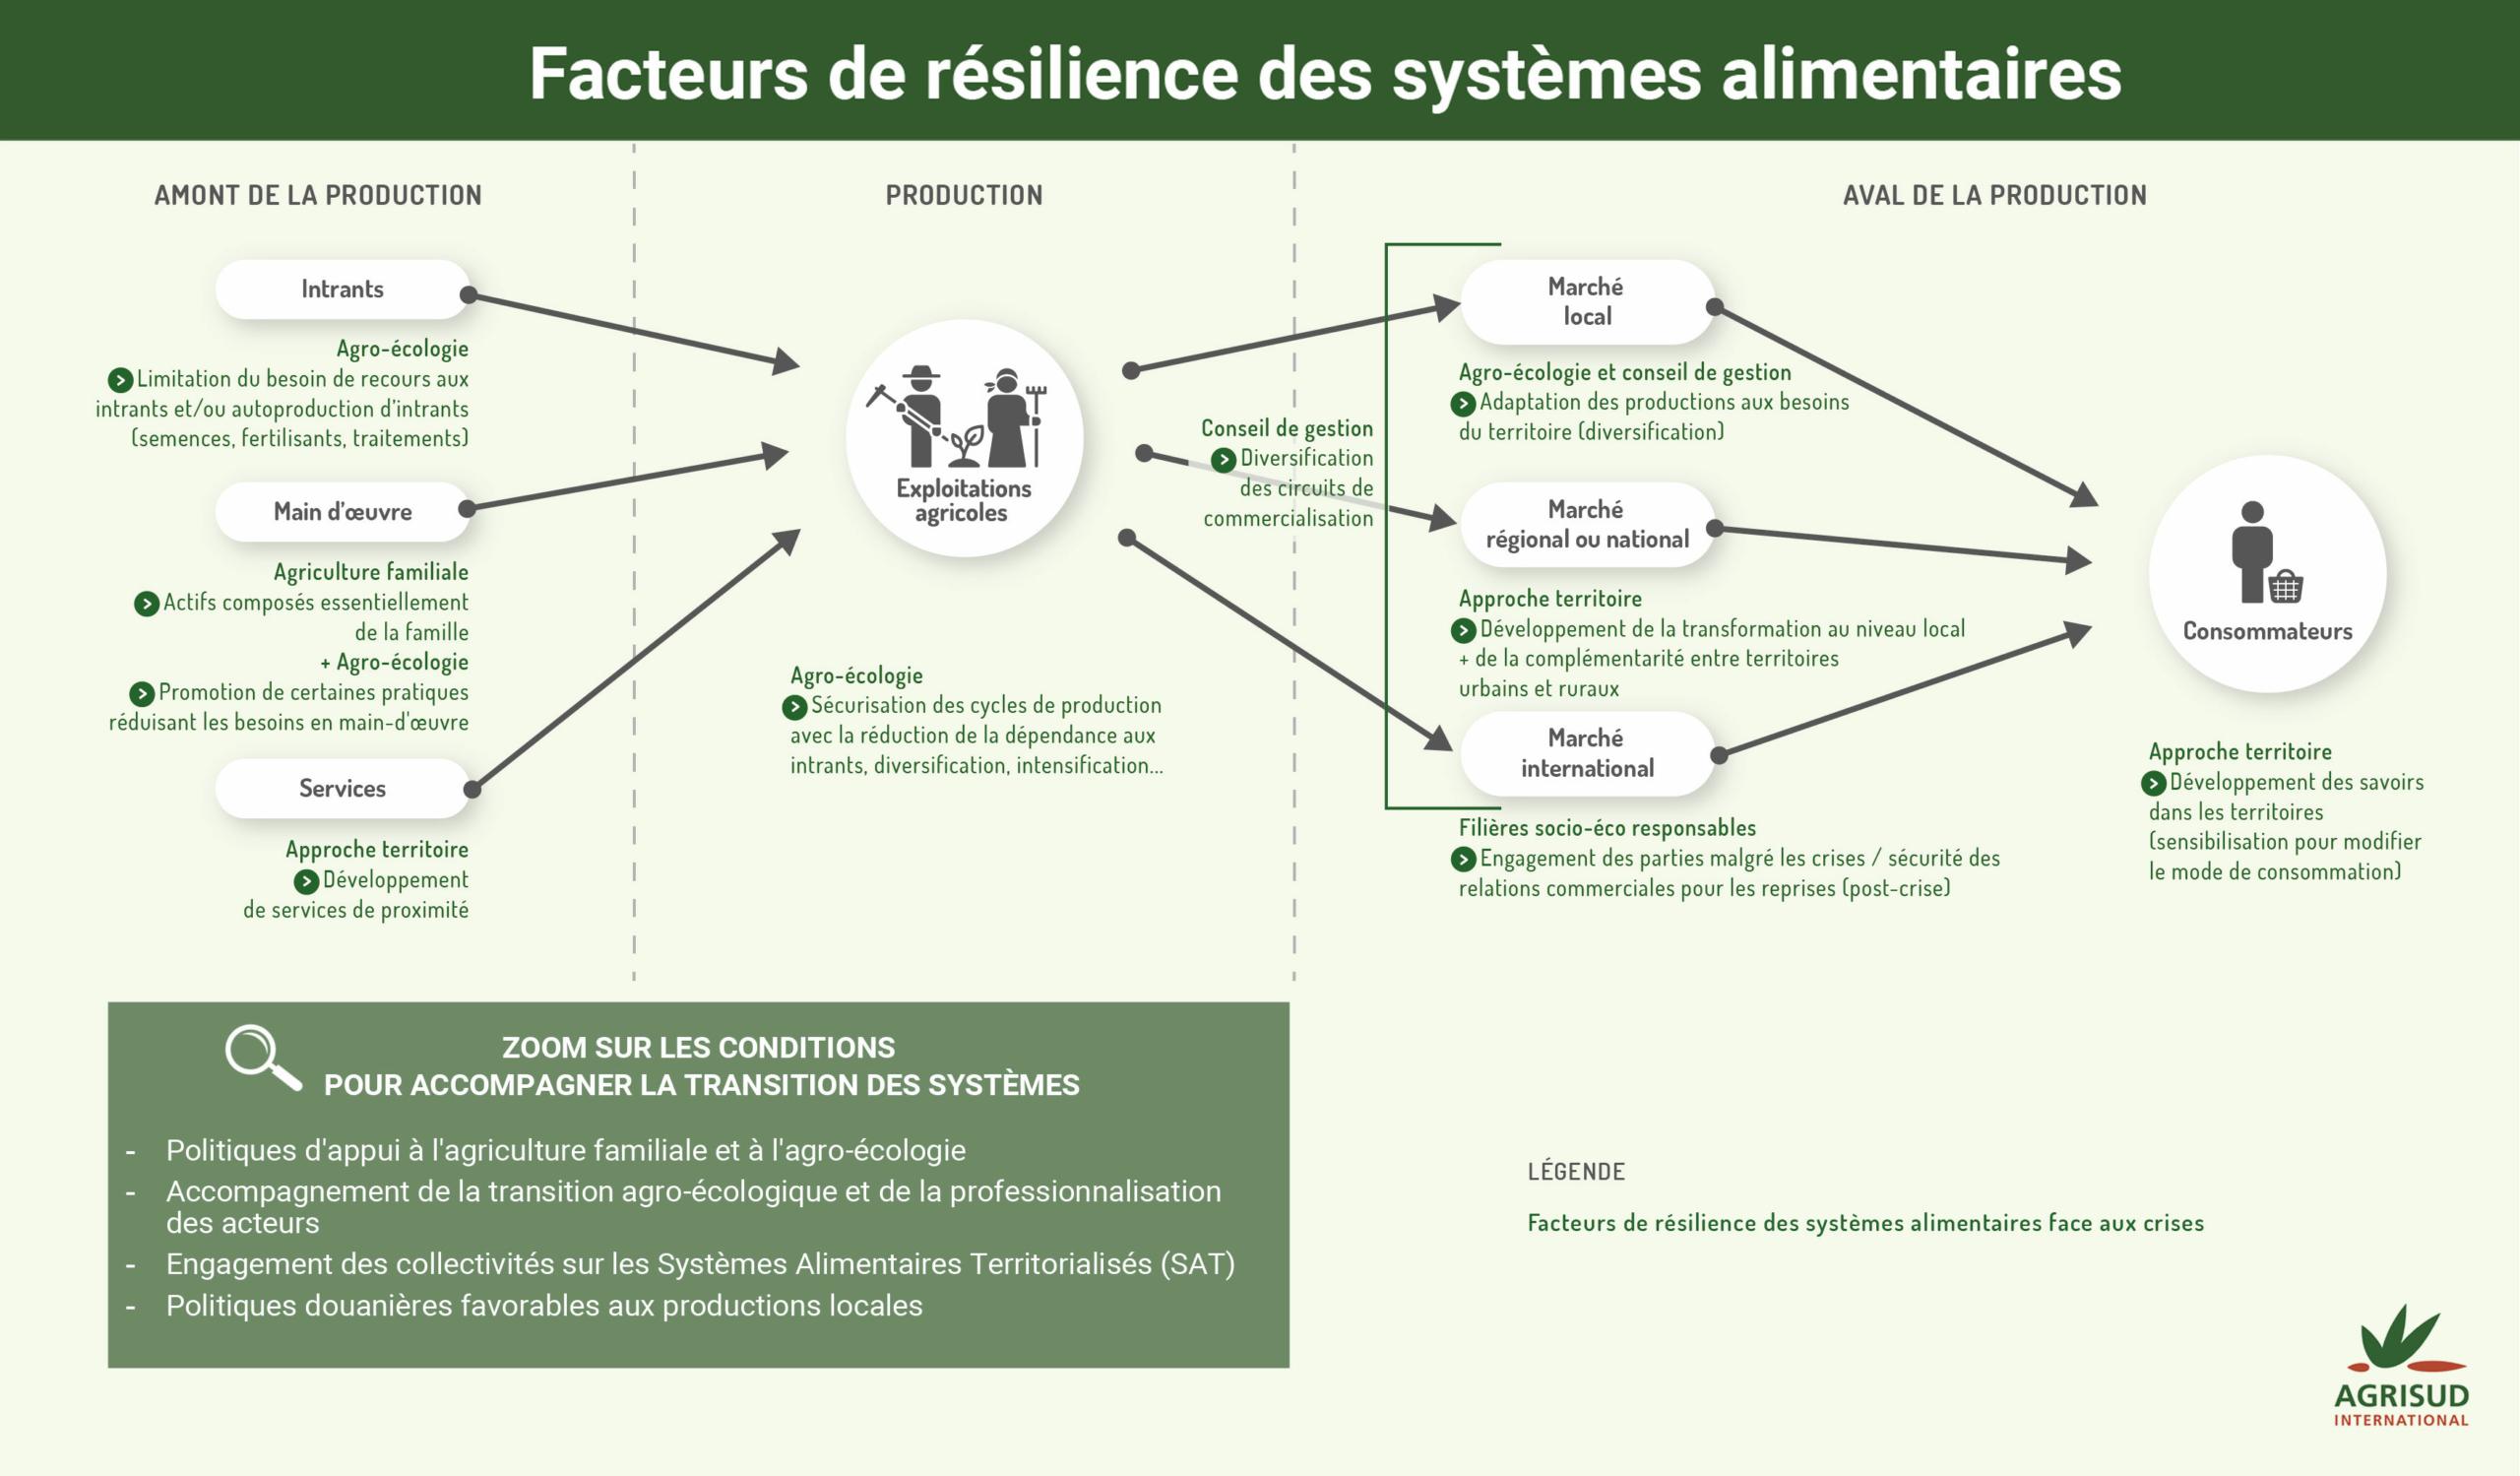 infographie des facteurs de résilience des systèmes alimentaires